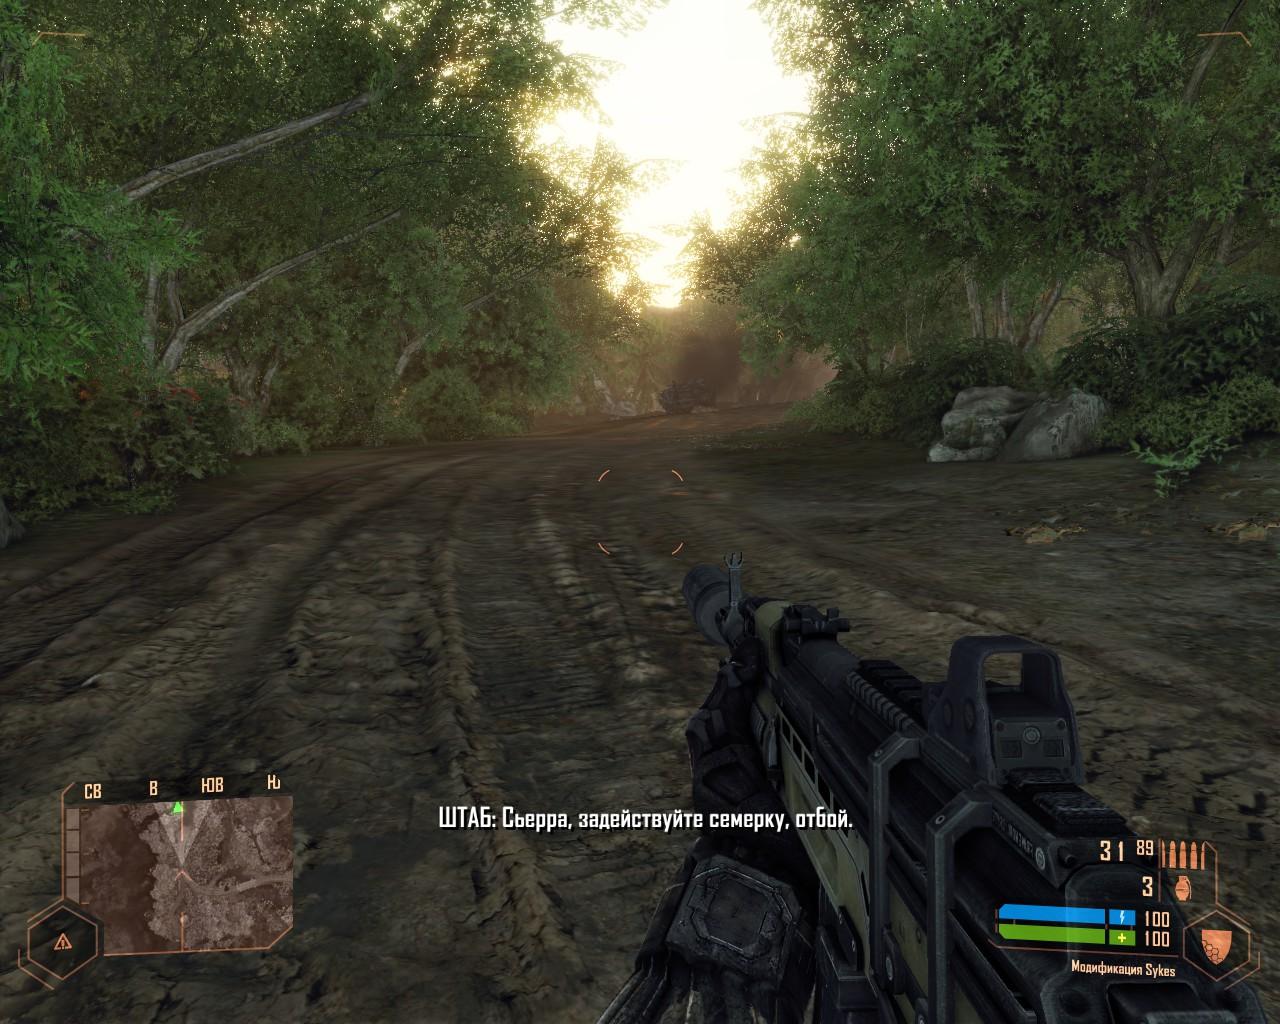 Crysis64 2014-08-11 23-19-15-92.jpg - Crysis Warhead